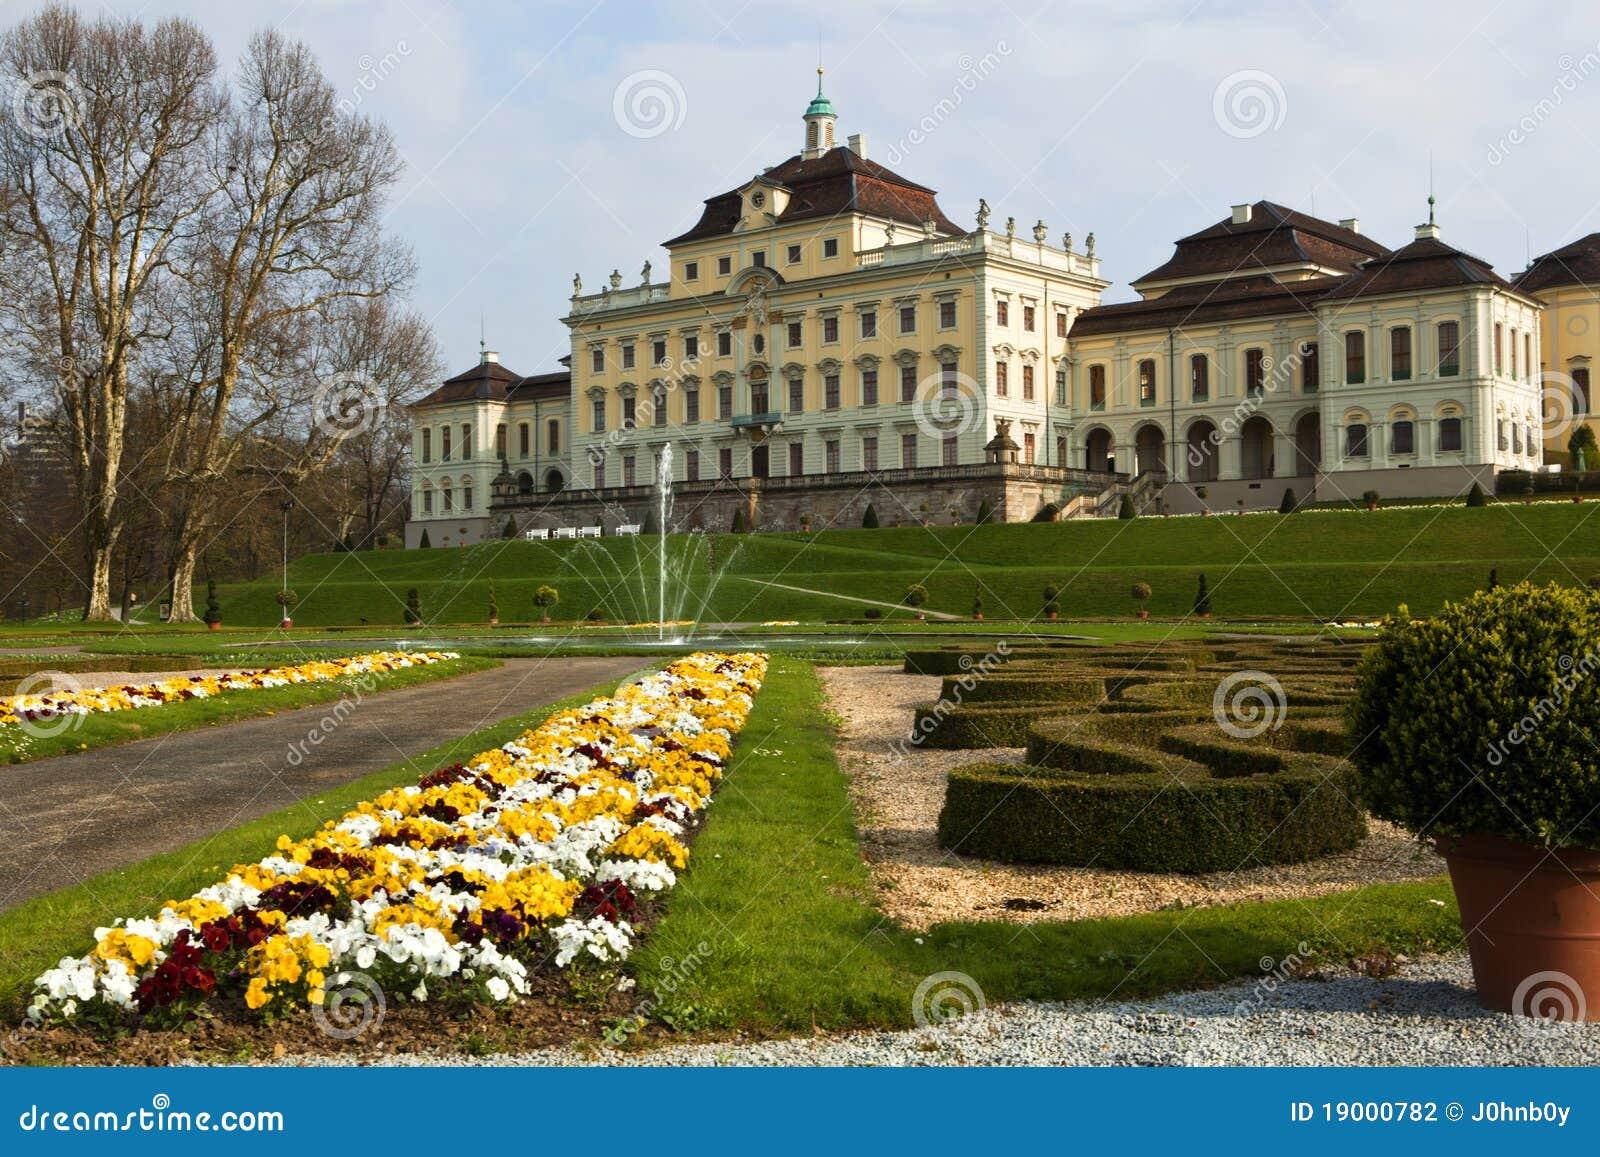 ludwigshafen schloss stockfoto bild von europa geb ude 19000782. Black Bedroom Furniture Sets. Home Design Ideas